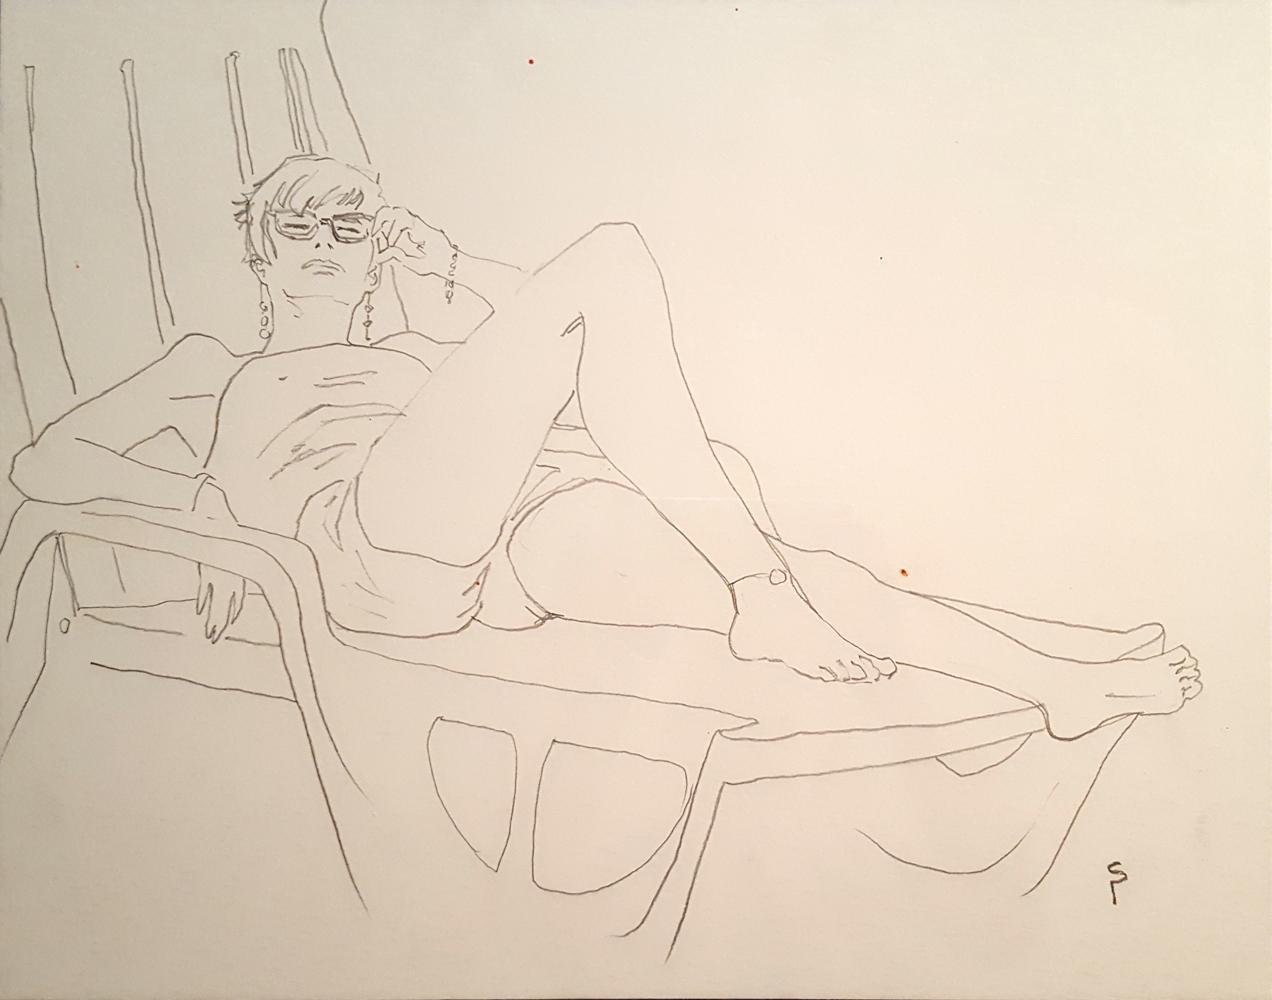 Claude Pelet Dessinateur - Croquis - Bain de soleil